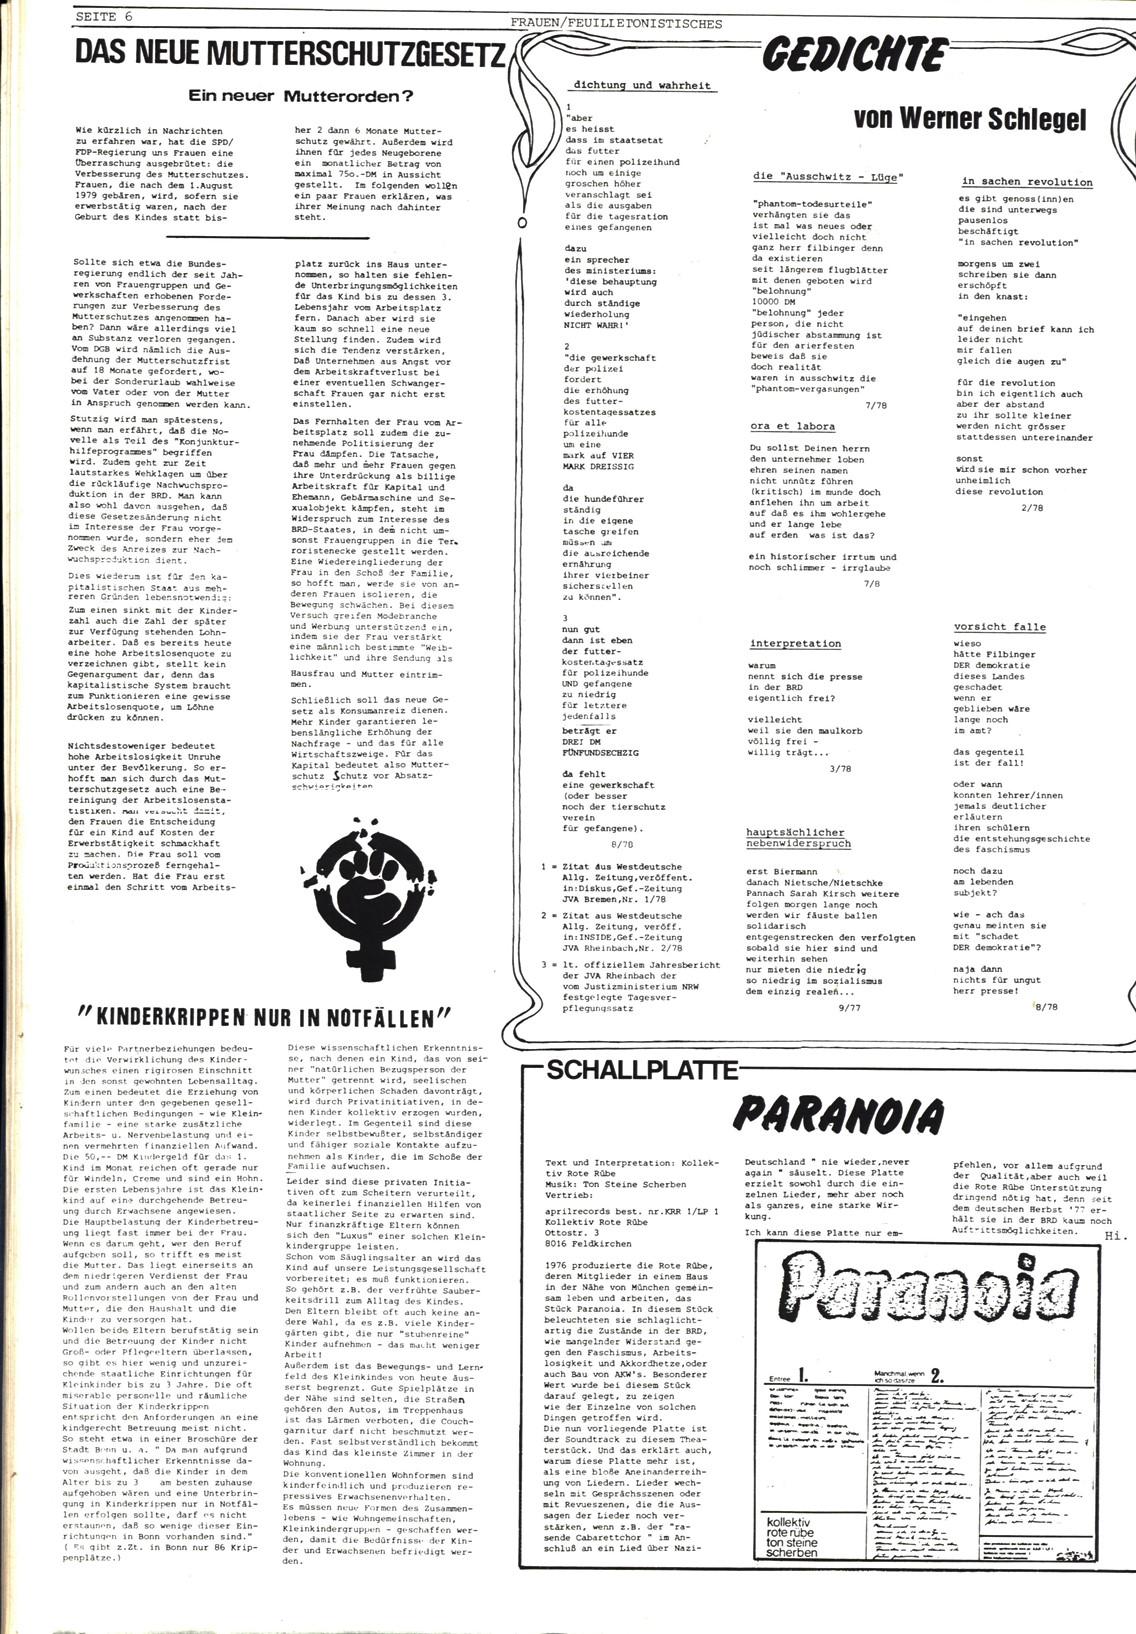 Bonner_Volksblatt_16_19780830_06